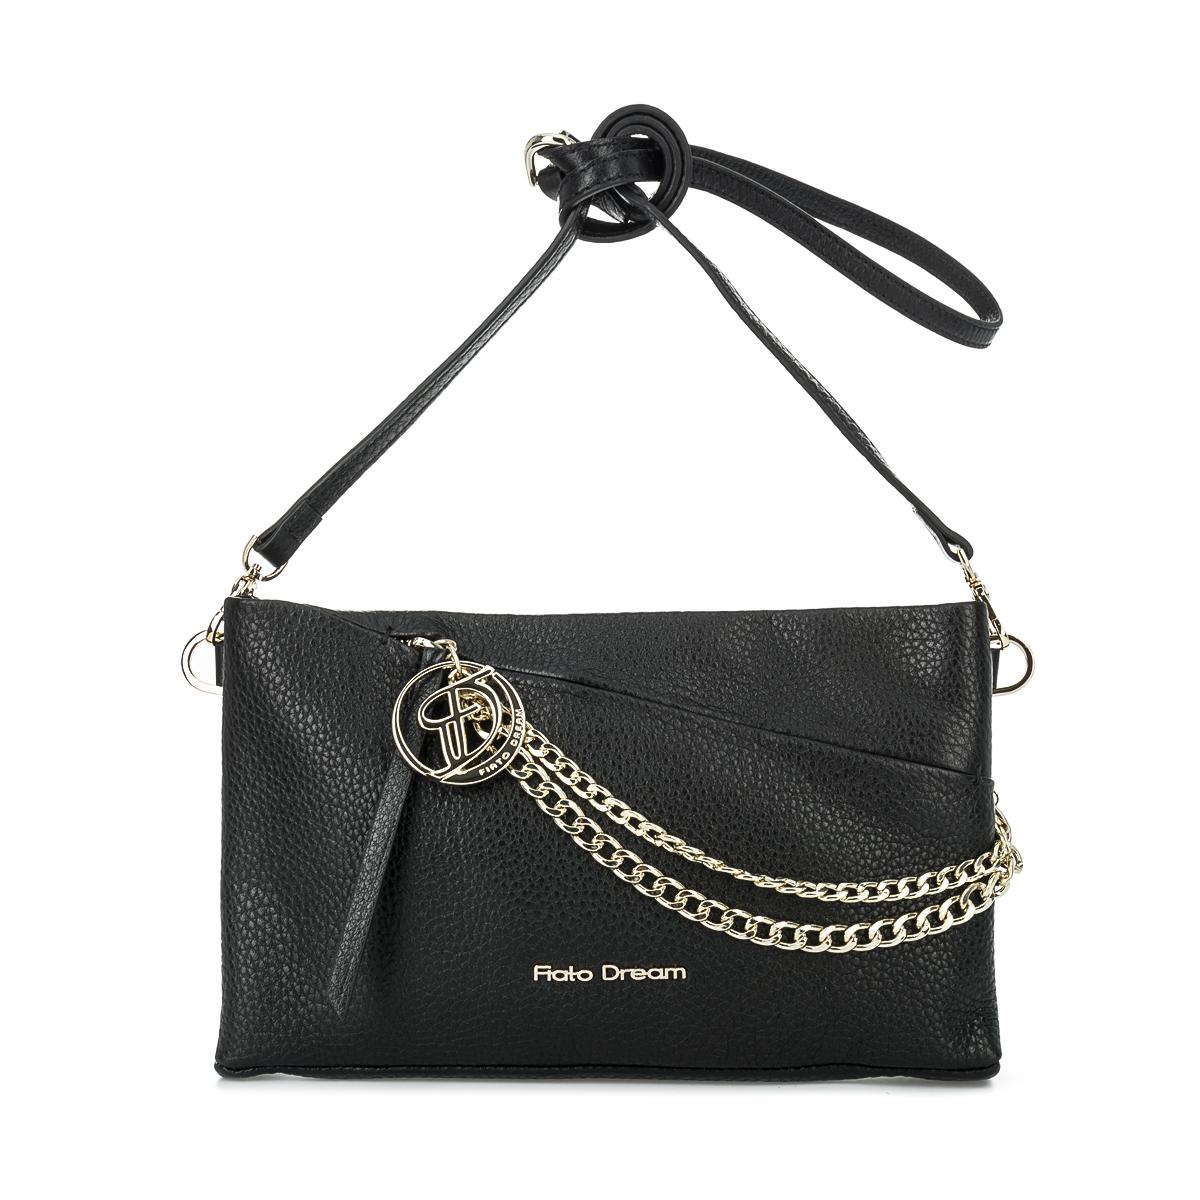 1006 FD кожа /стелла черный  (сумка женская)